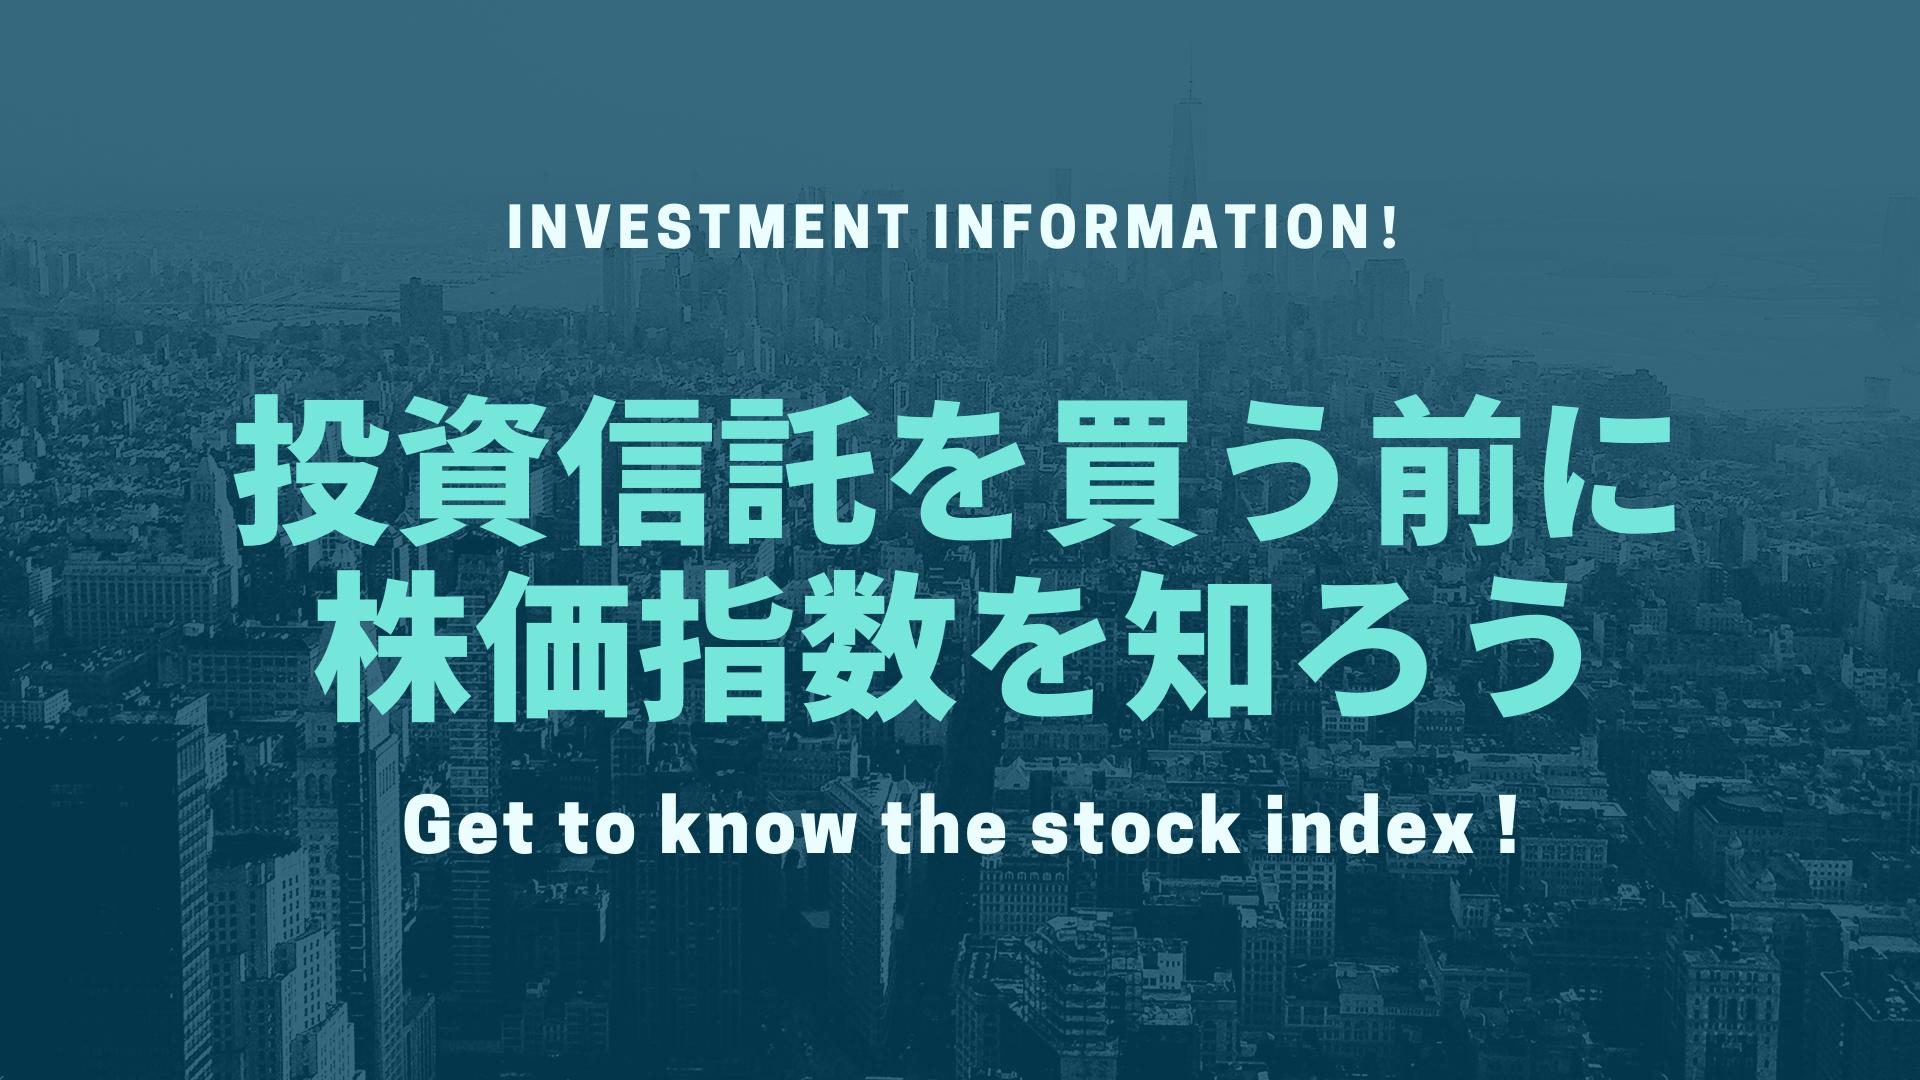 株価指数を知ろう